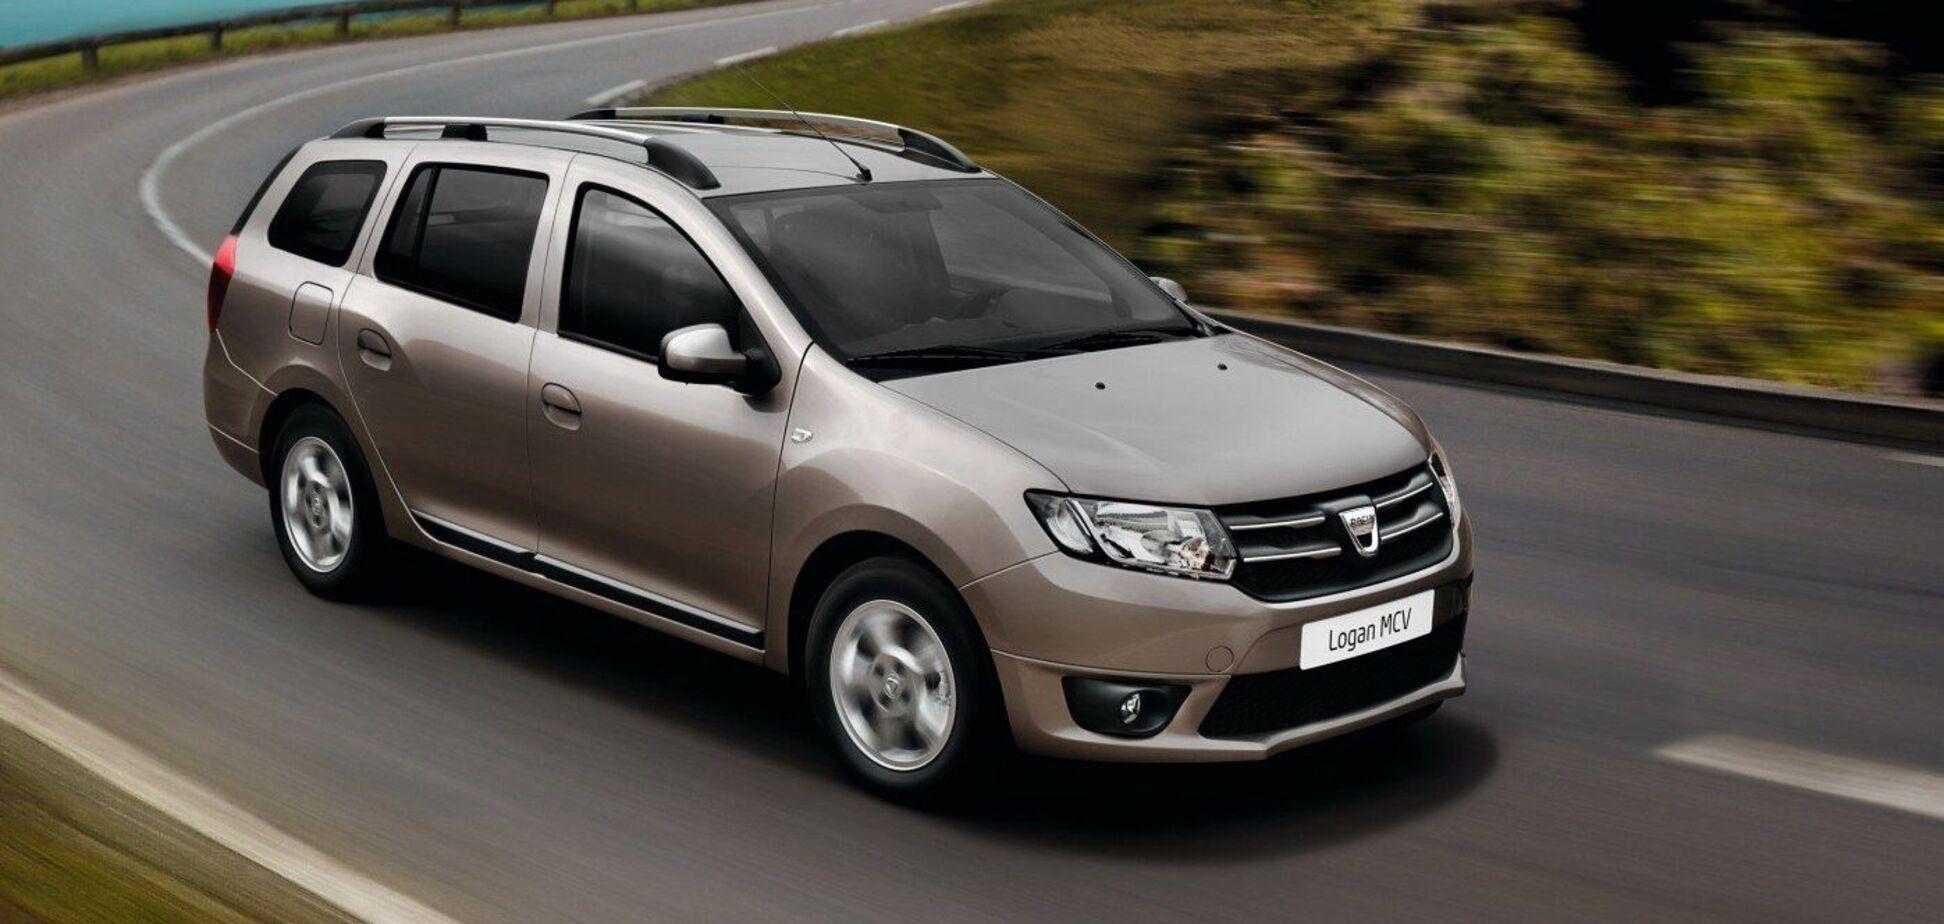 Renault отказалась от самого практичного 'Логана': его снимут с производства